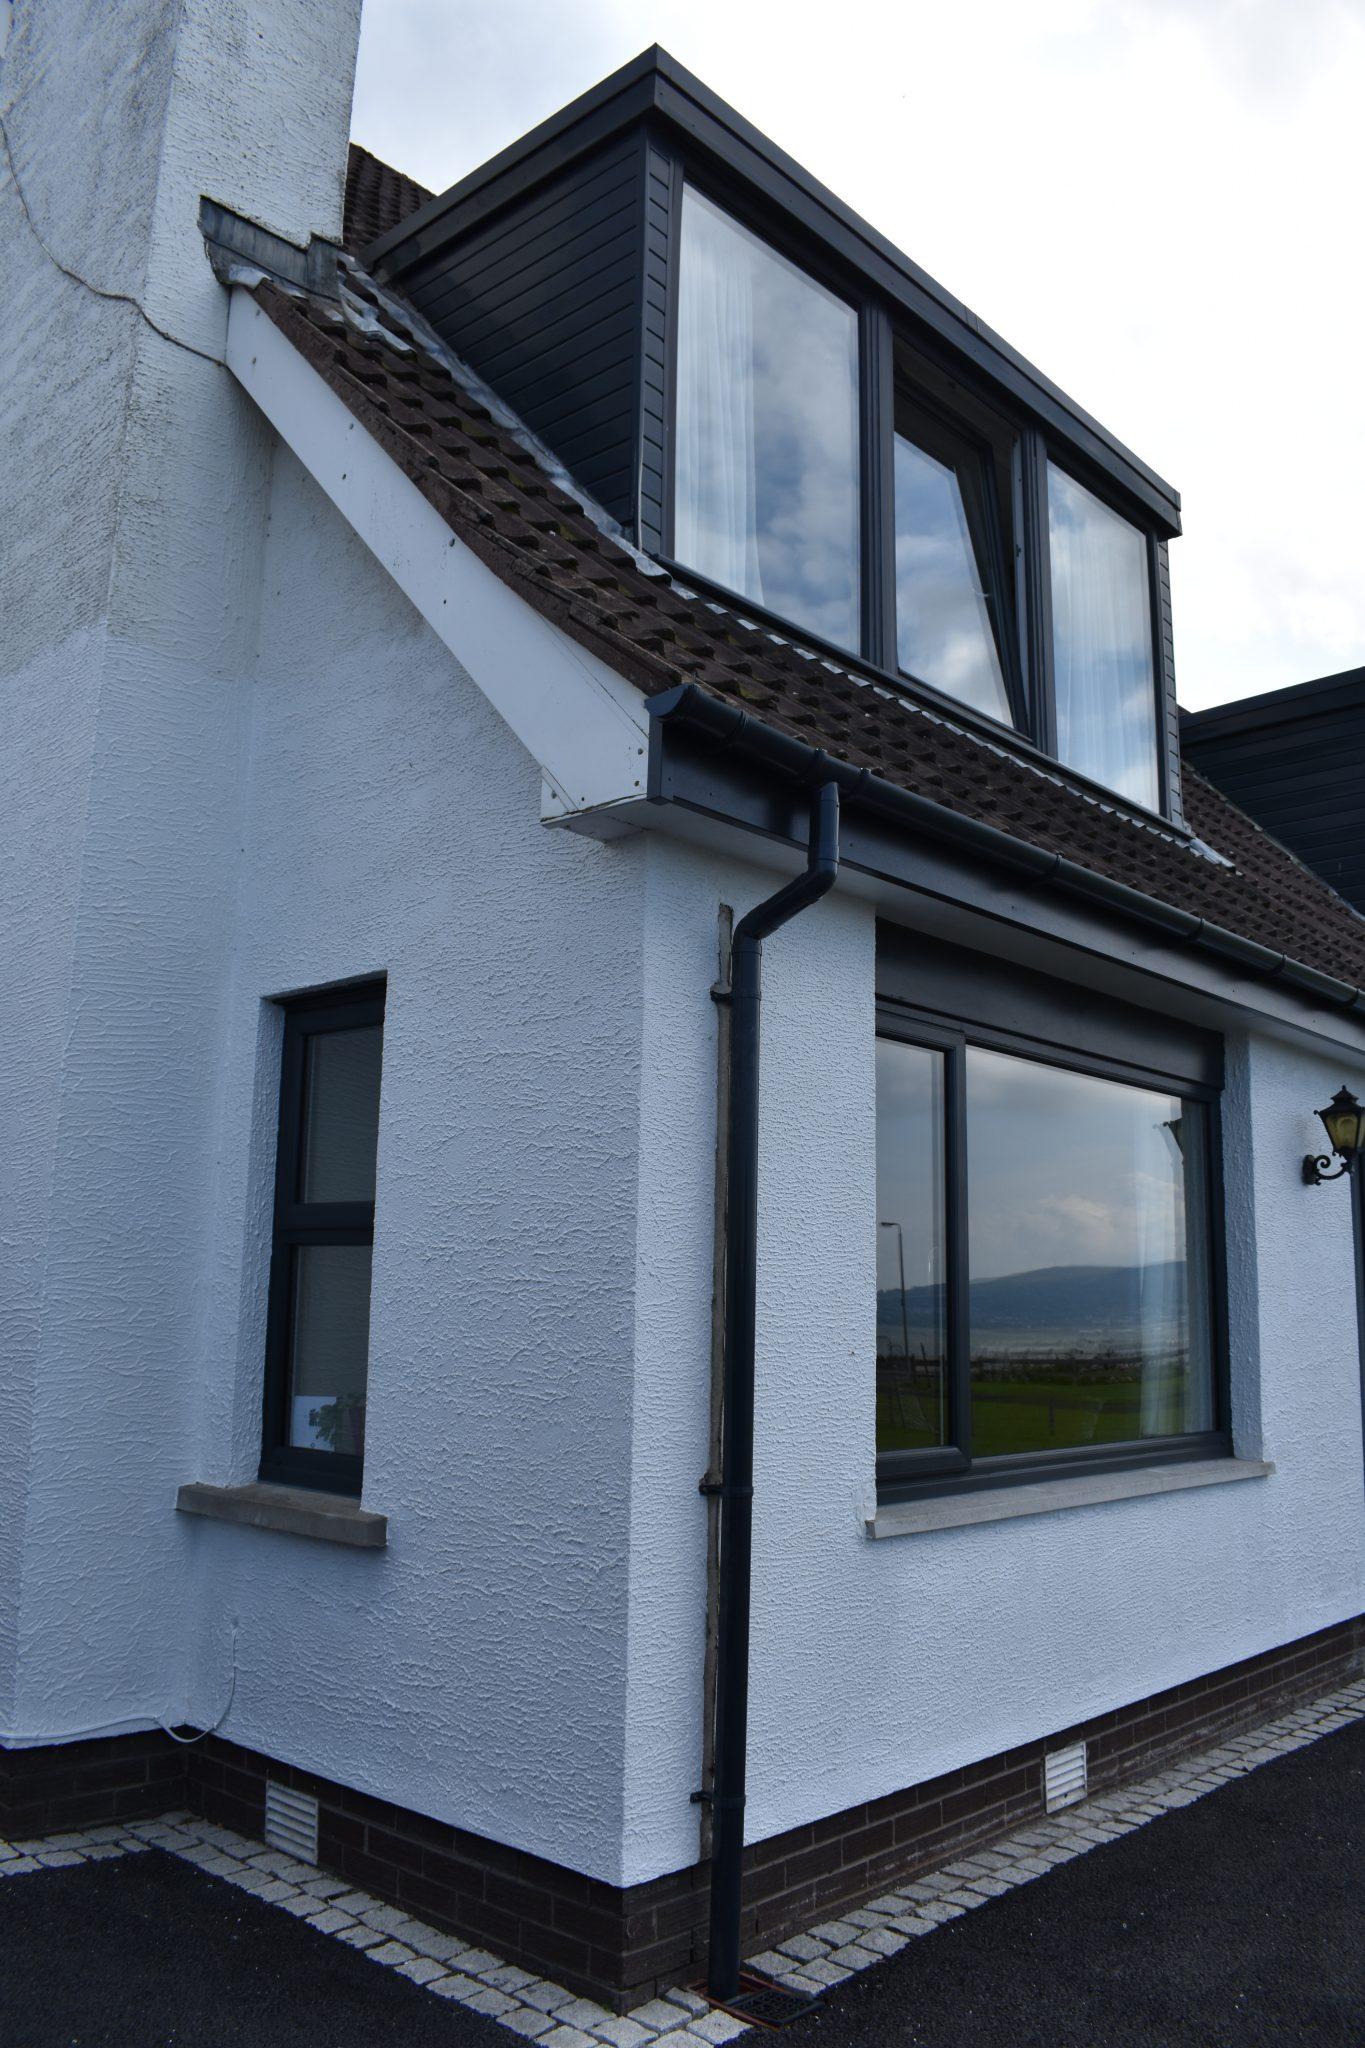 Dormer window and casement window